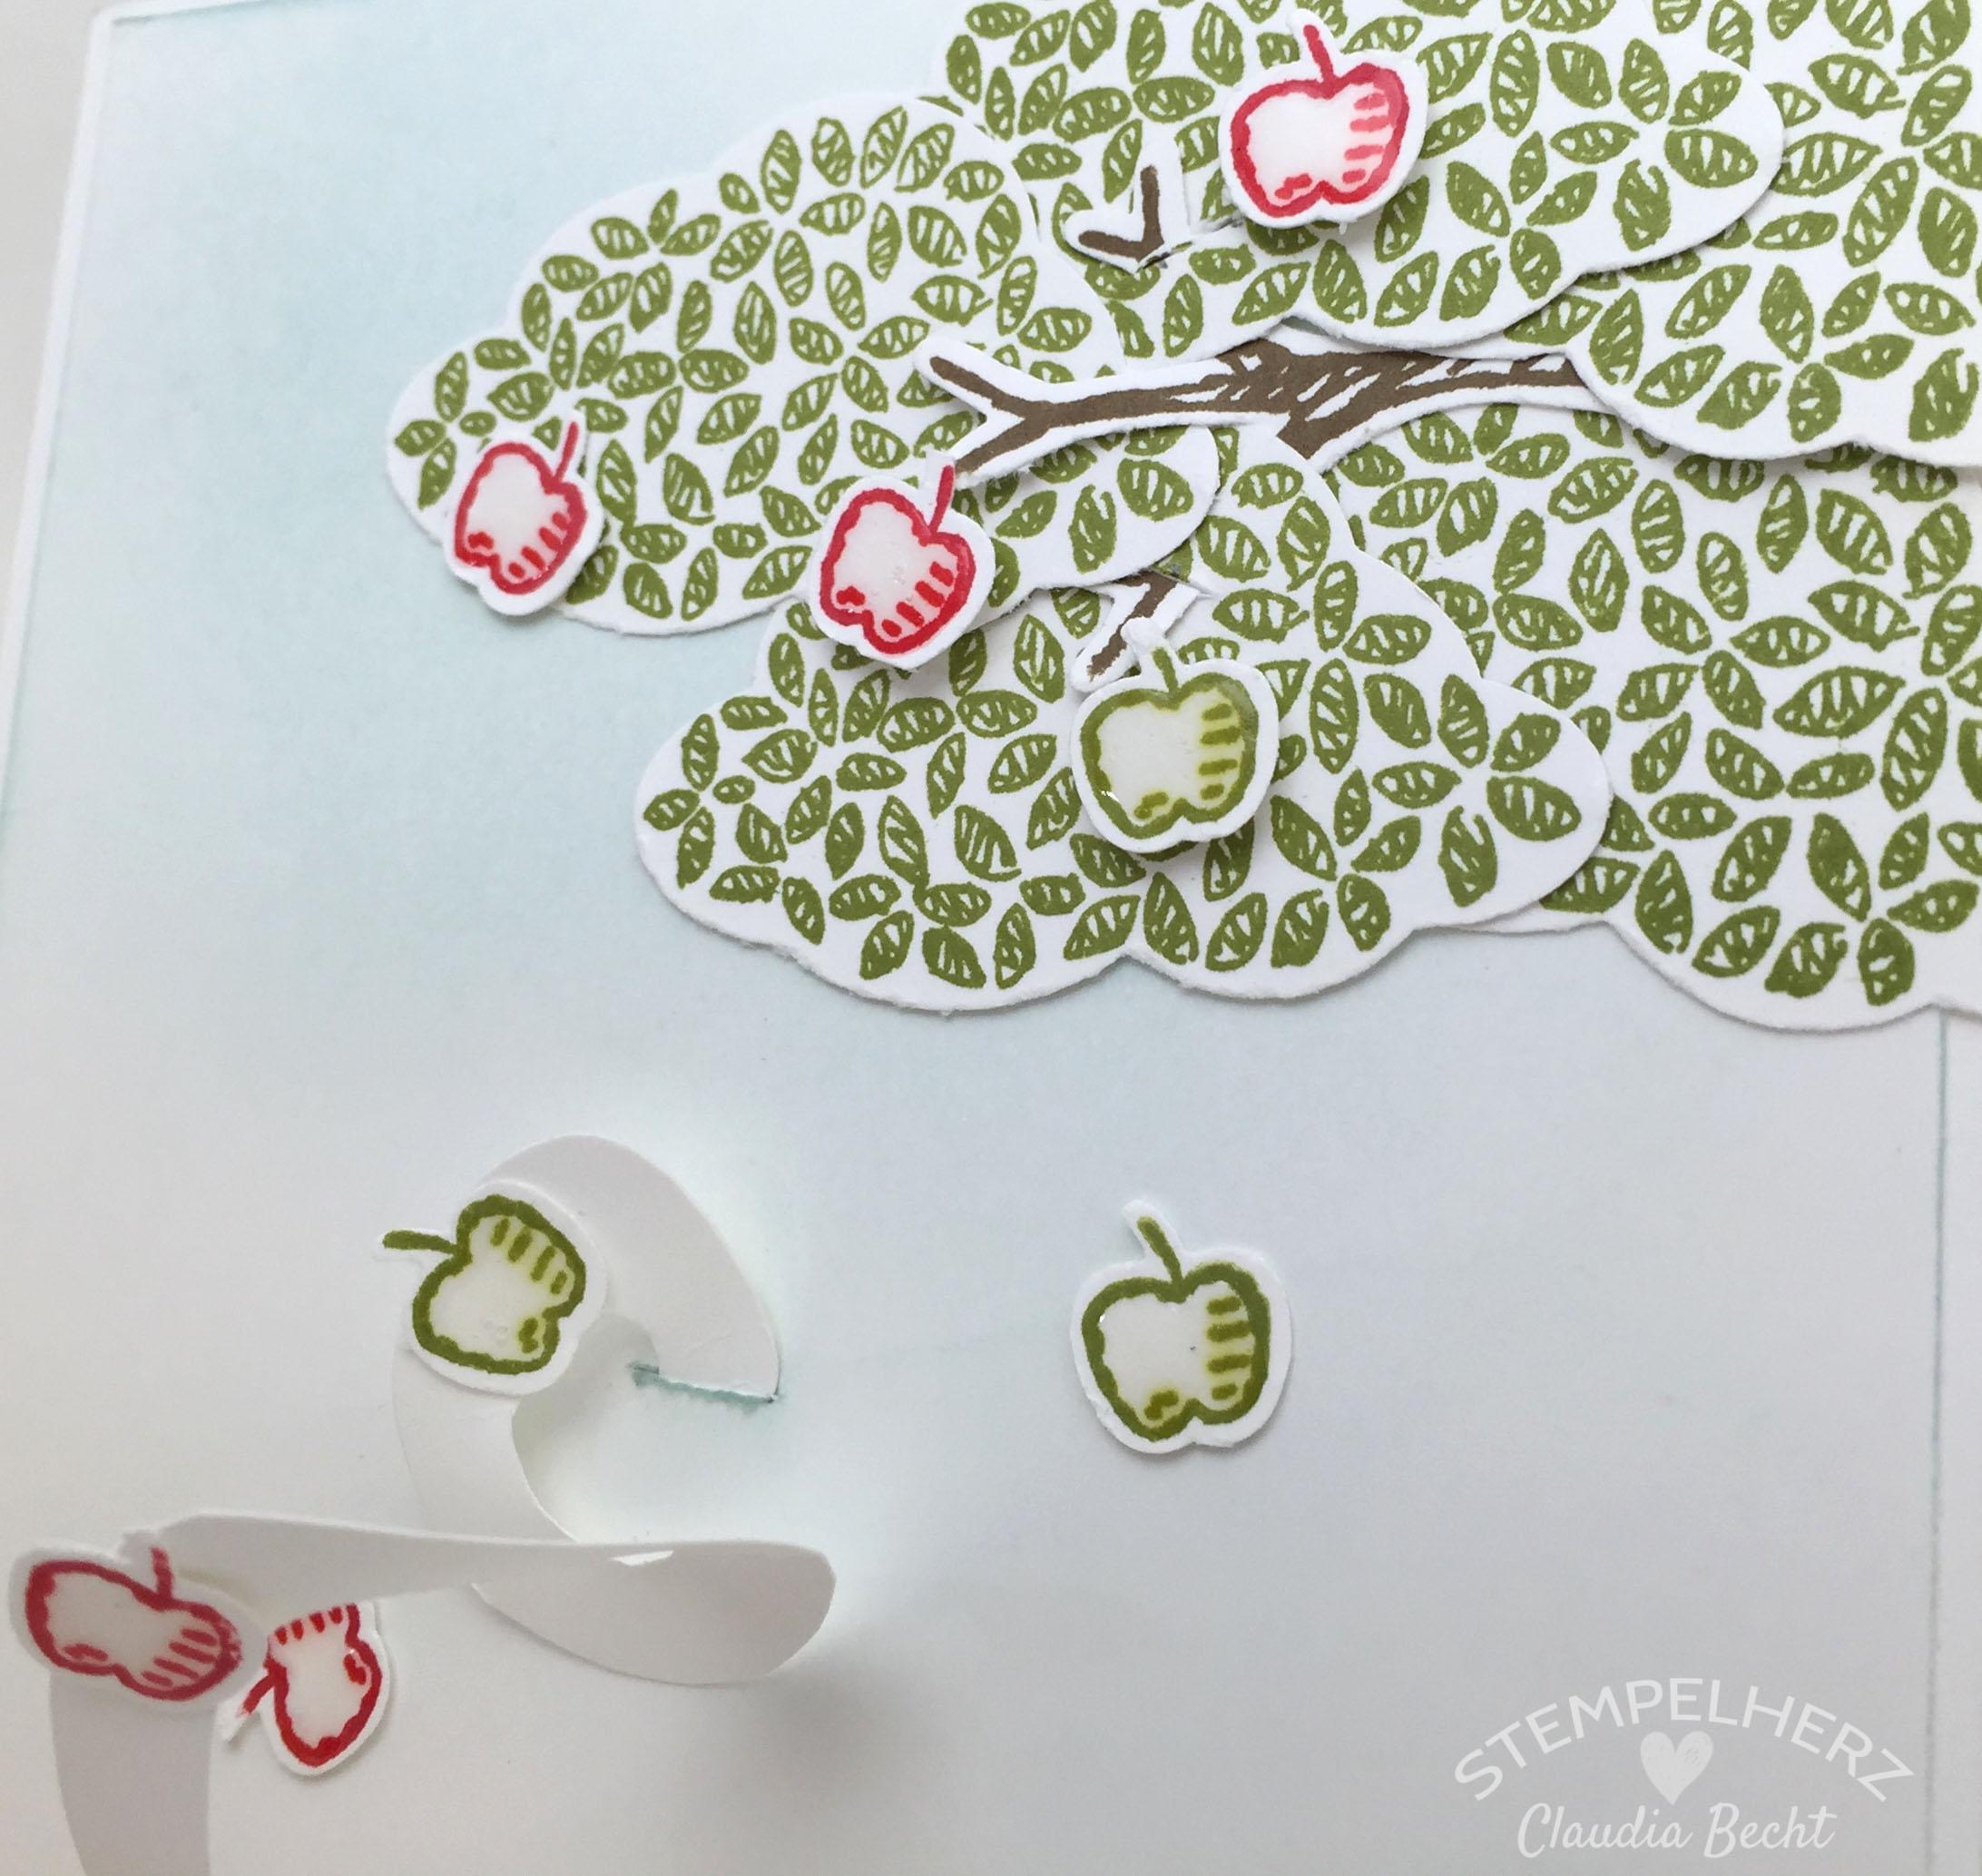 Stampin Up-Stempelherz-Geburtstagskarte-Spiralkarte-Worte die gut tun-Birthday Blossoms-Spiralkarte Apfelbaum 05b